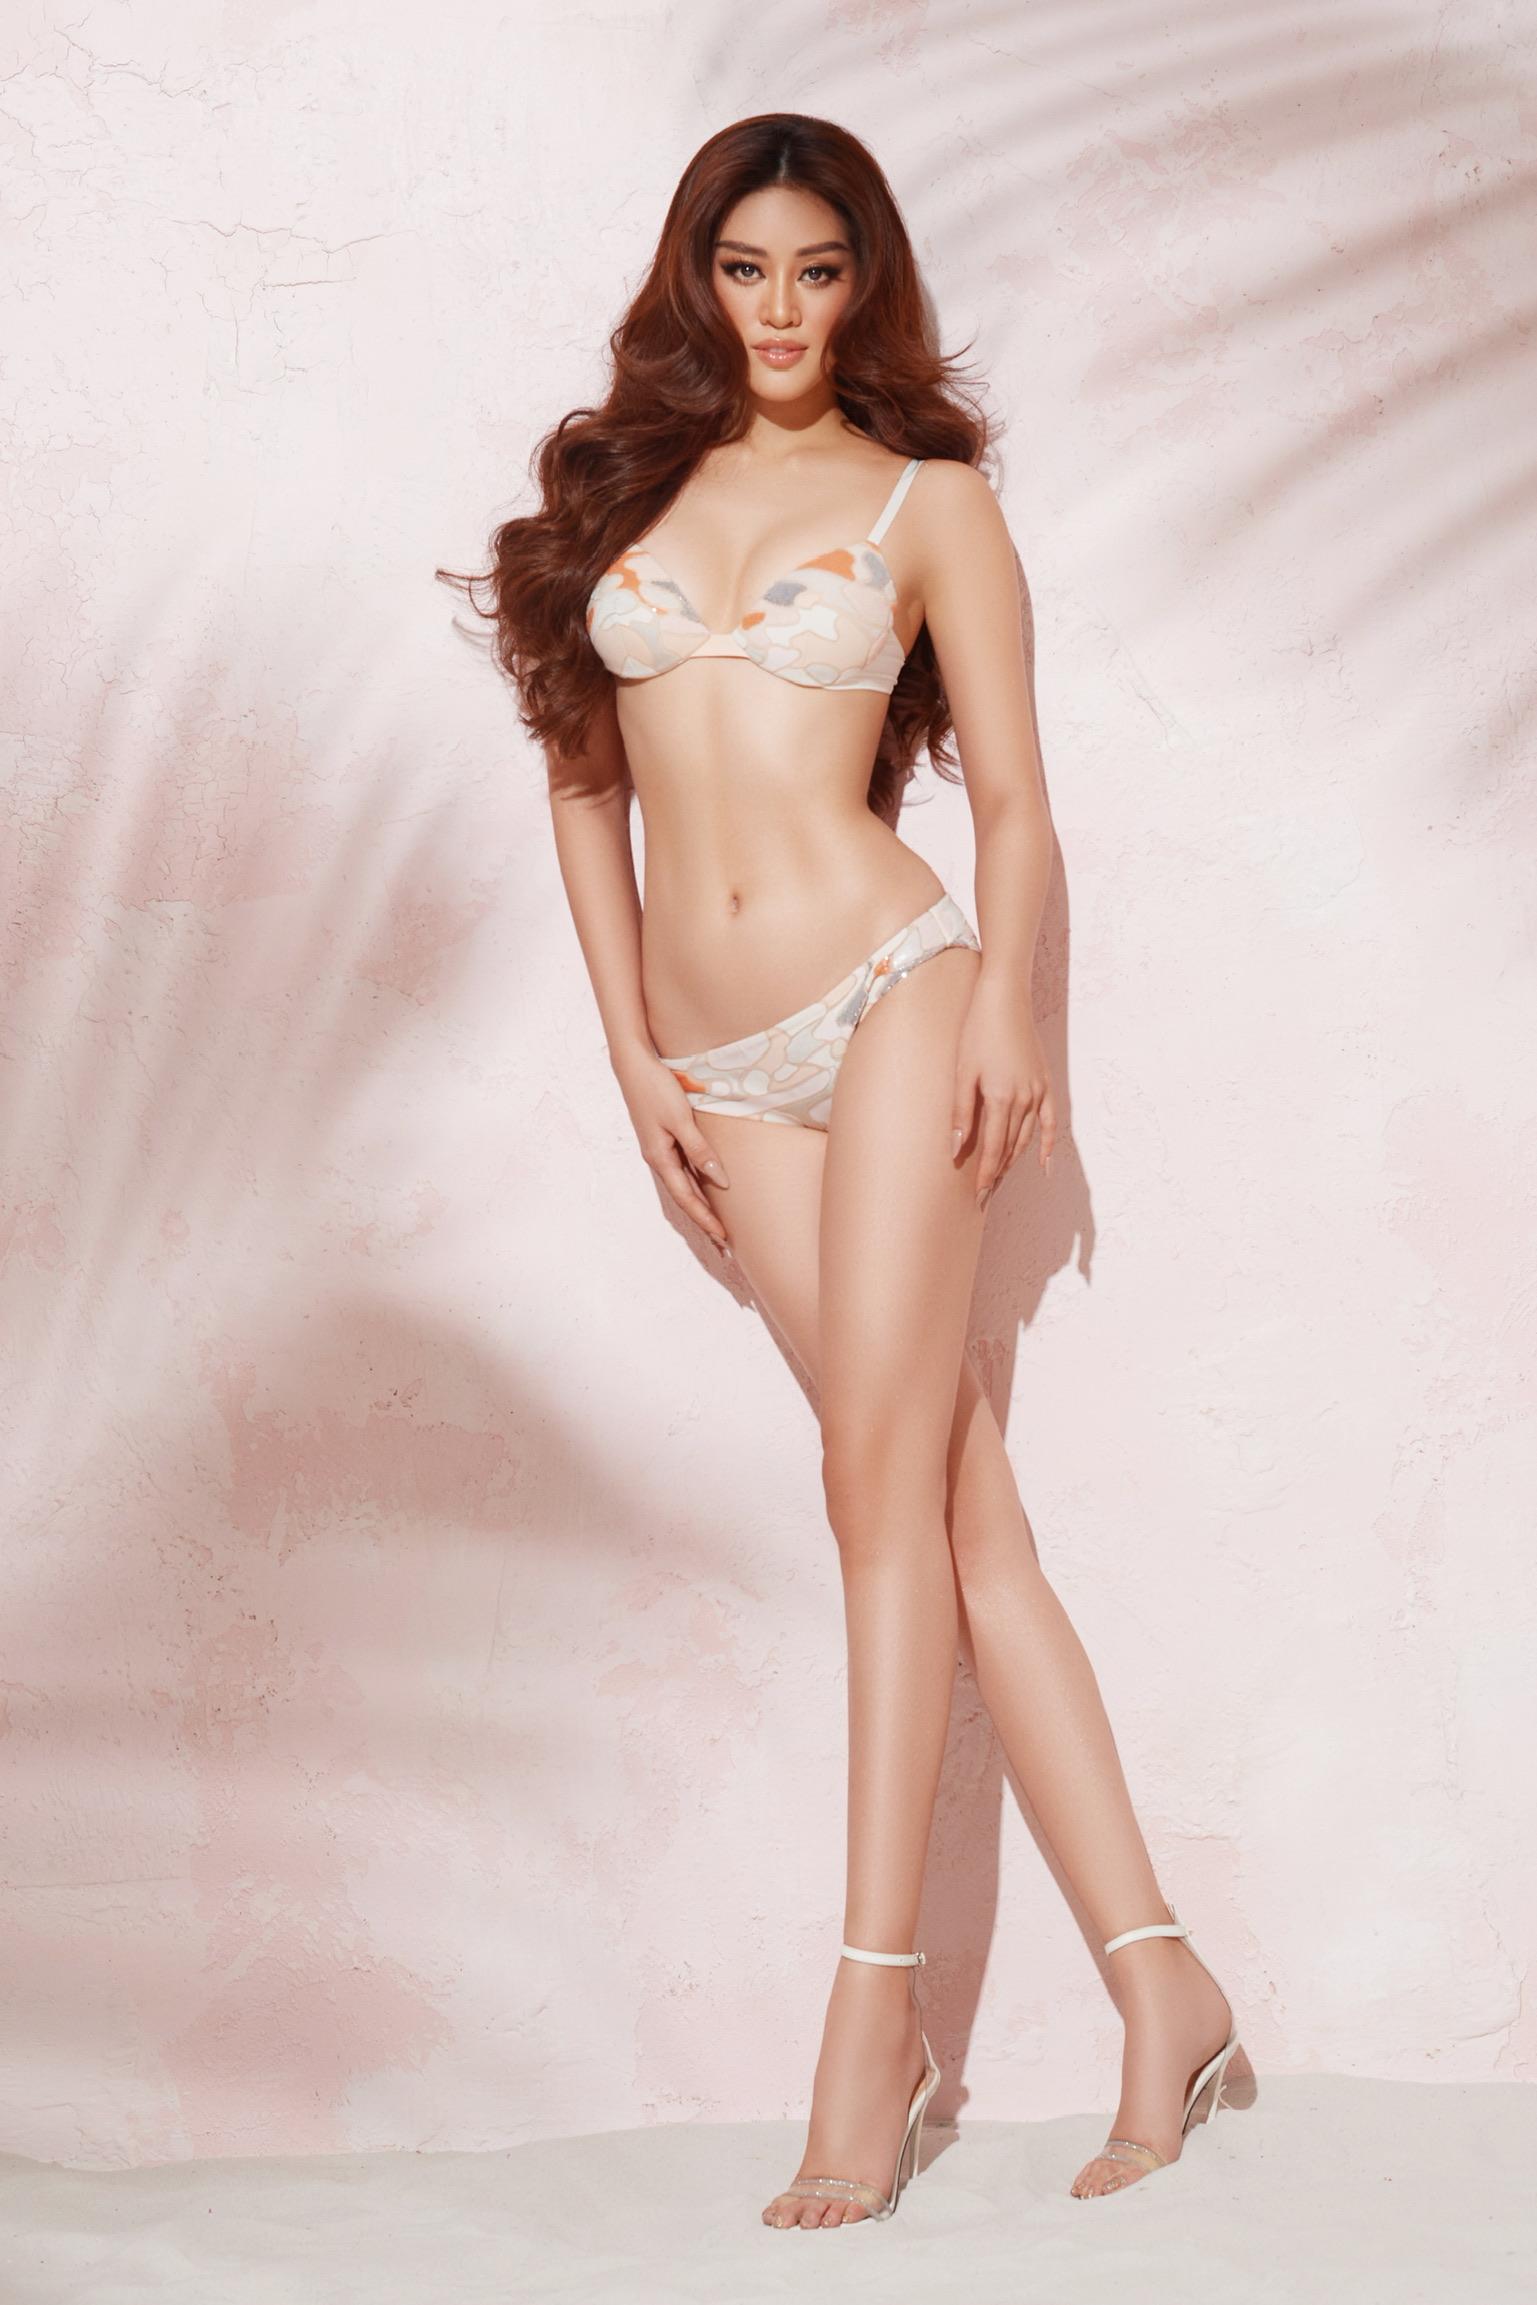 Khánh Vân được dự đoán vượt qua HHen Niê, đăng quang Hoa hậu Hoàn vũ - Ảnh 5.